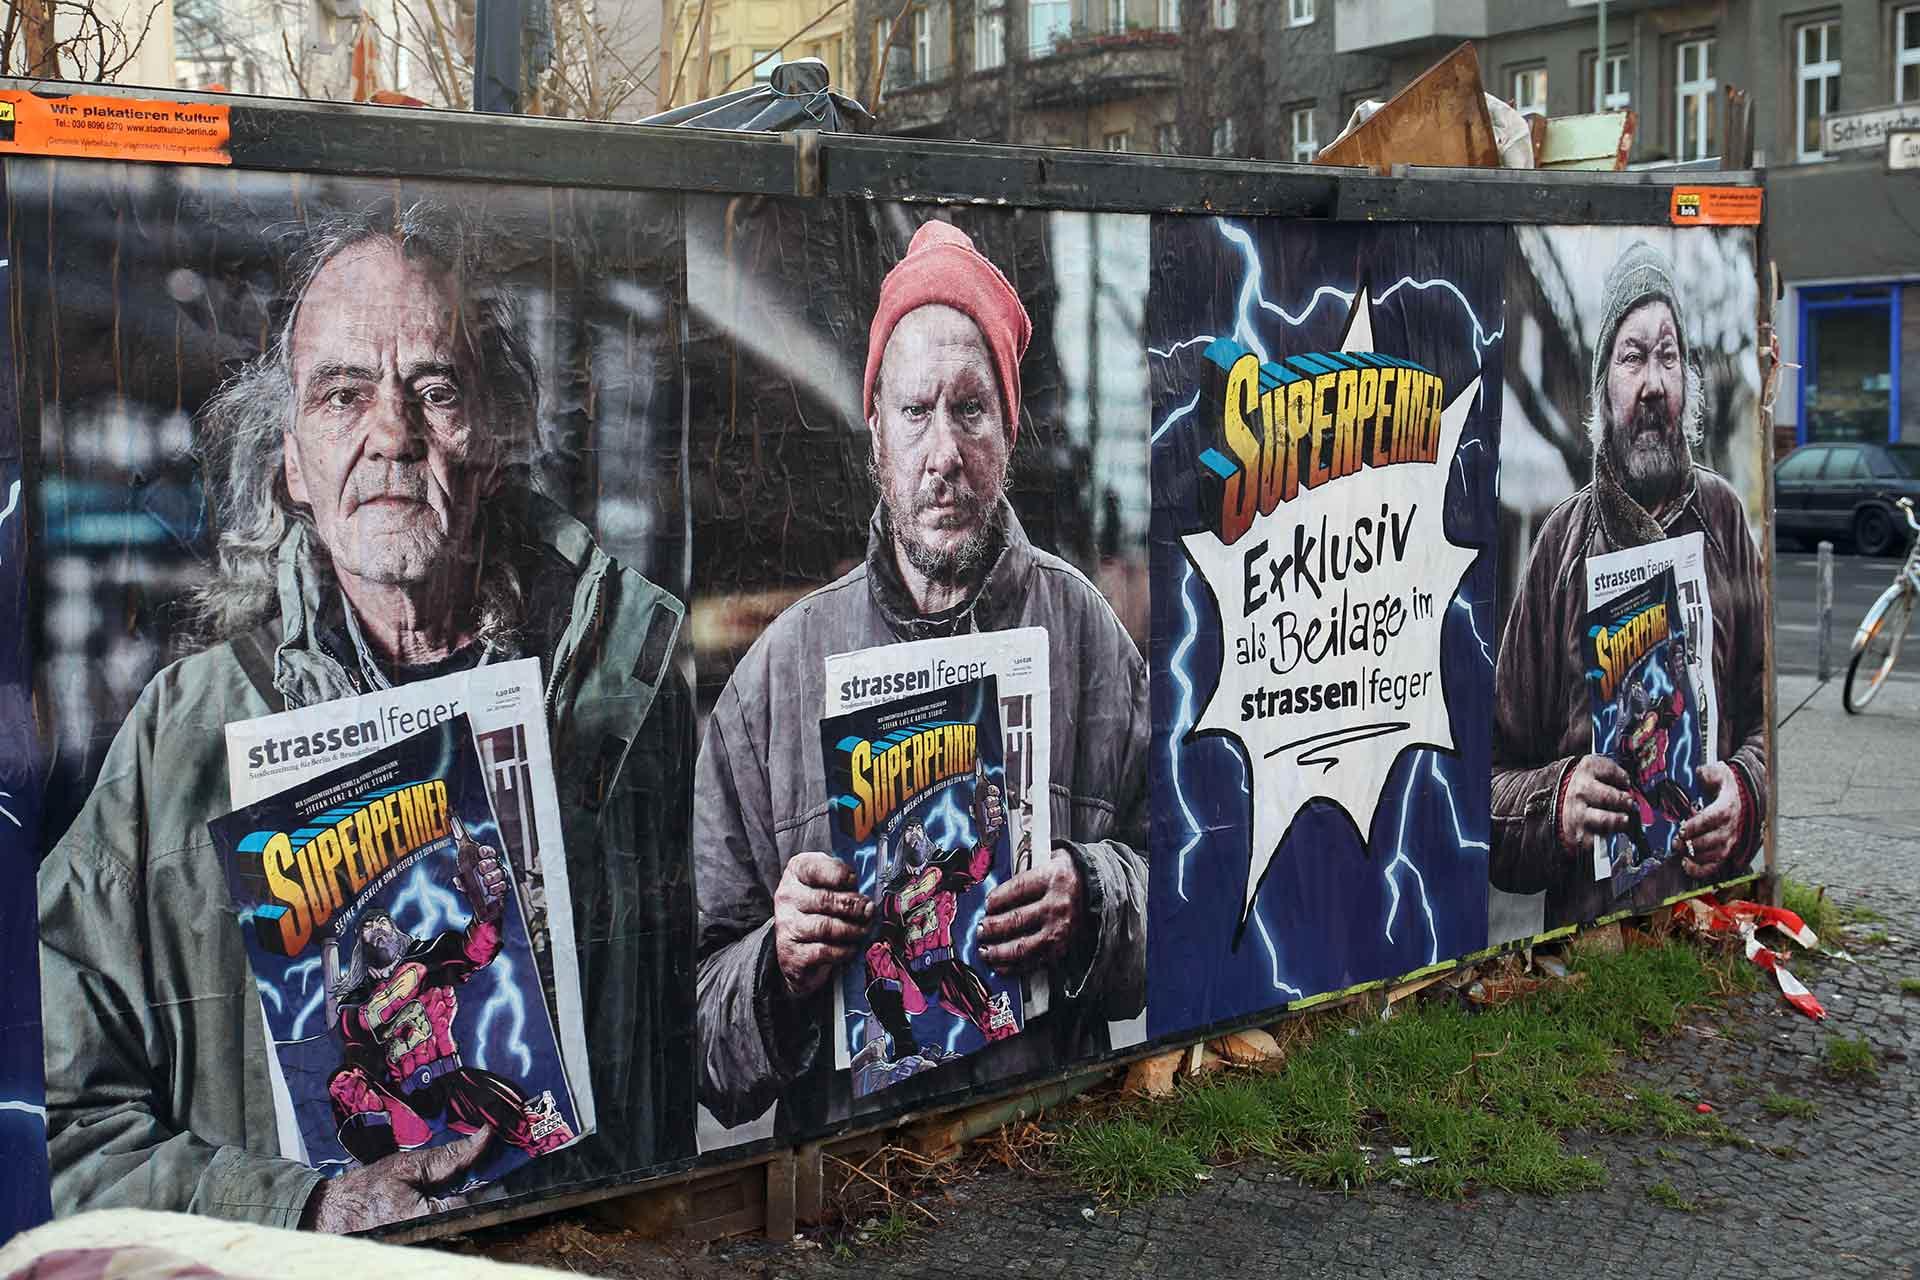 « Superpenner », la bande dessinée sur les sans abris | Crédits Photo -- STRASSENFEGER Berlin ®